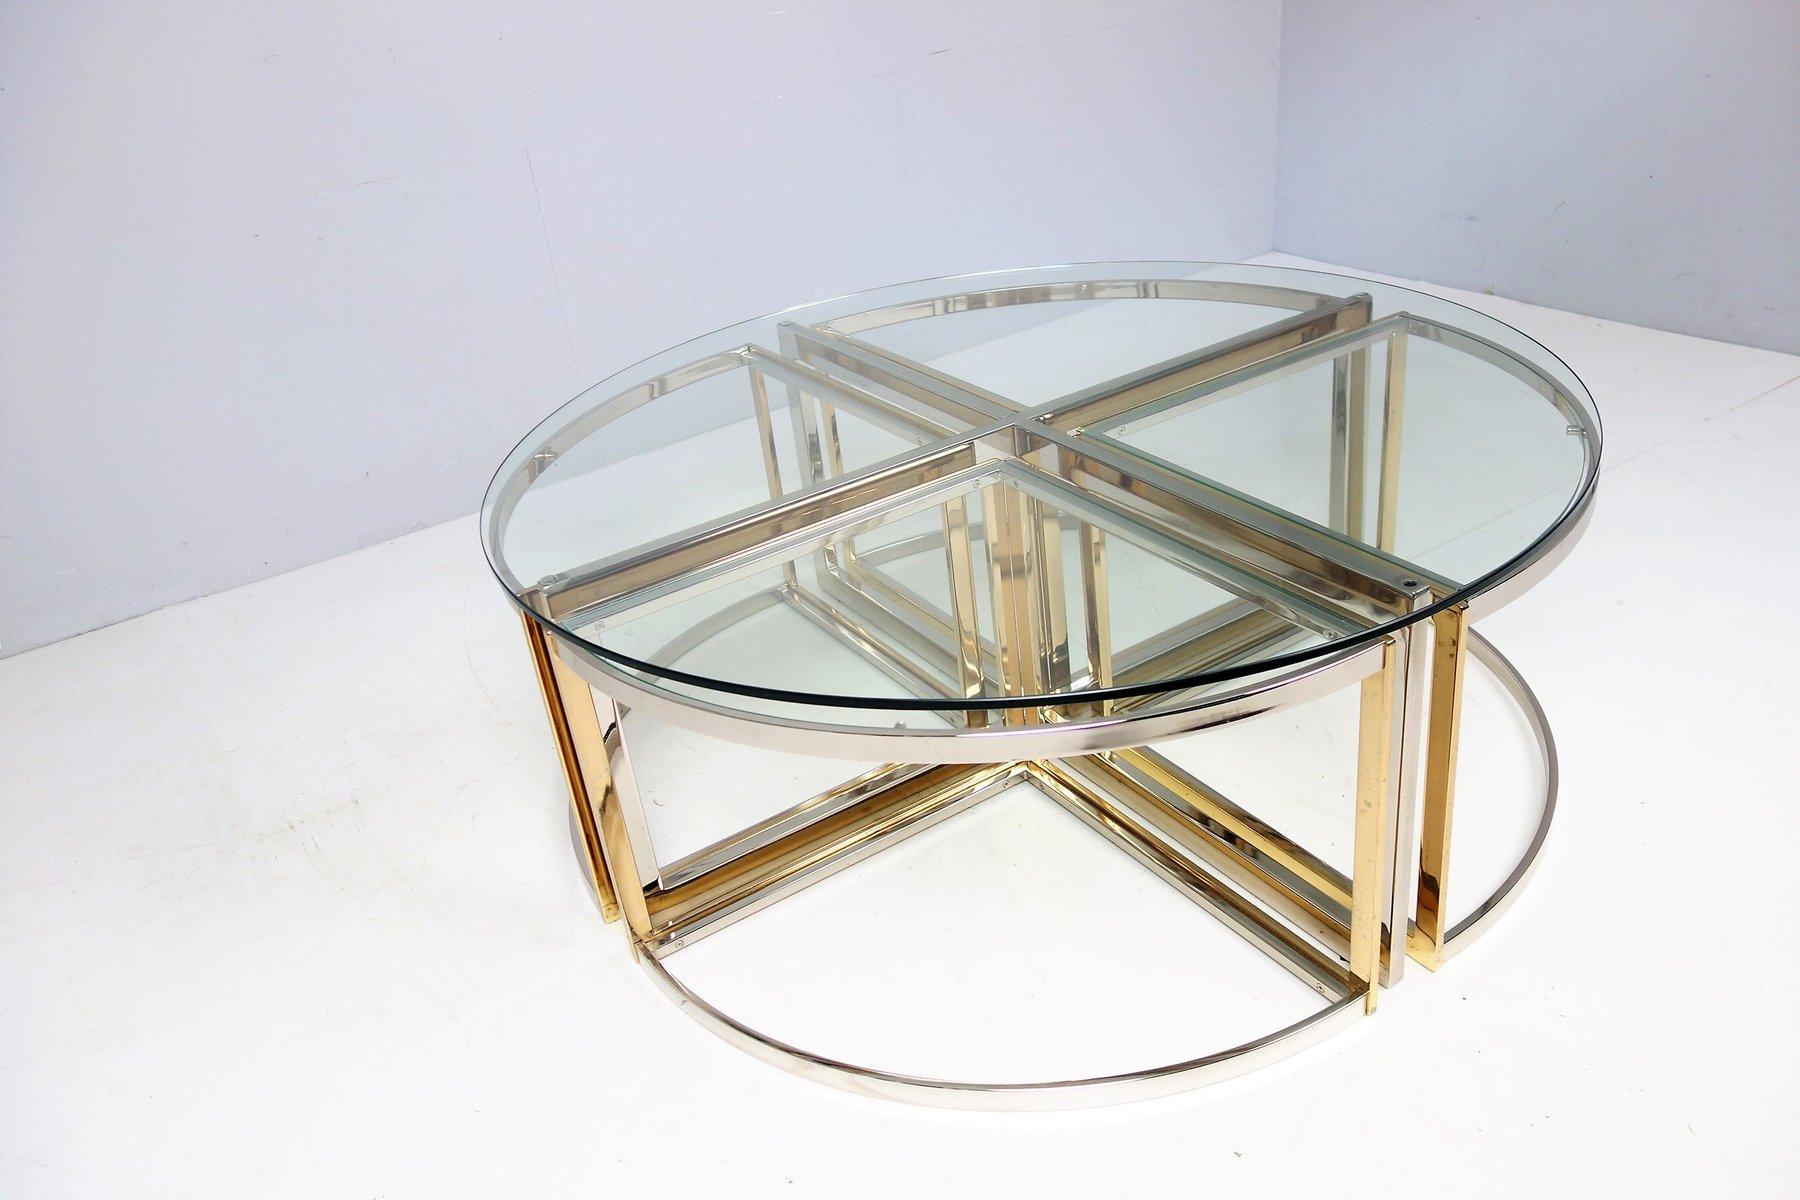 runder glas stahl messing tisch von maison charles 1970er bei pamono kaufen. Black Bedroom Furniture Sets. Home Design Ideas